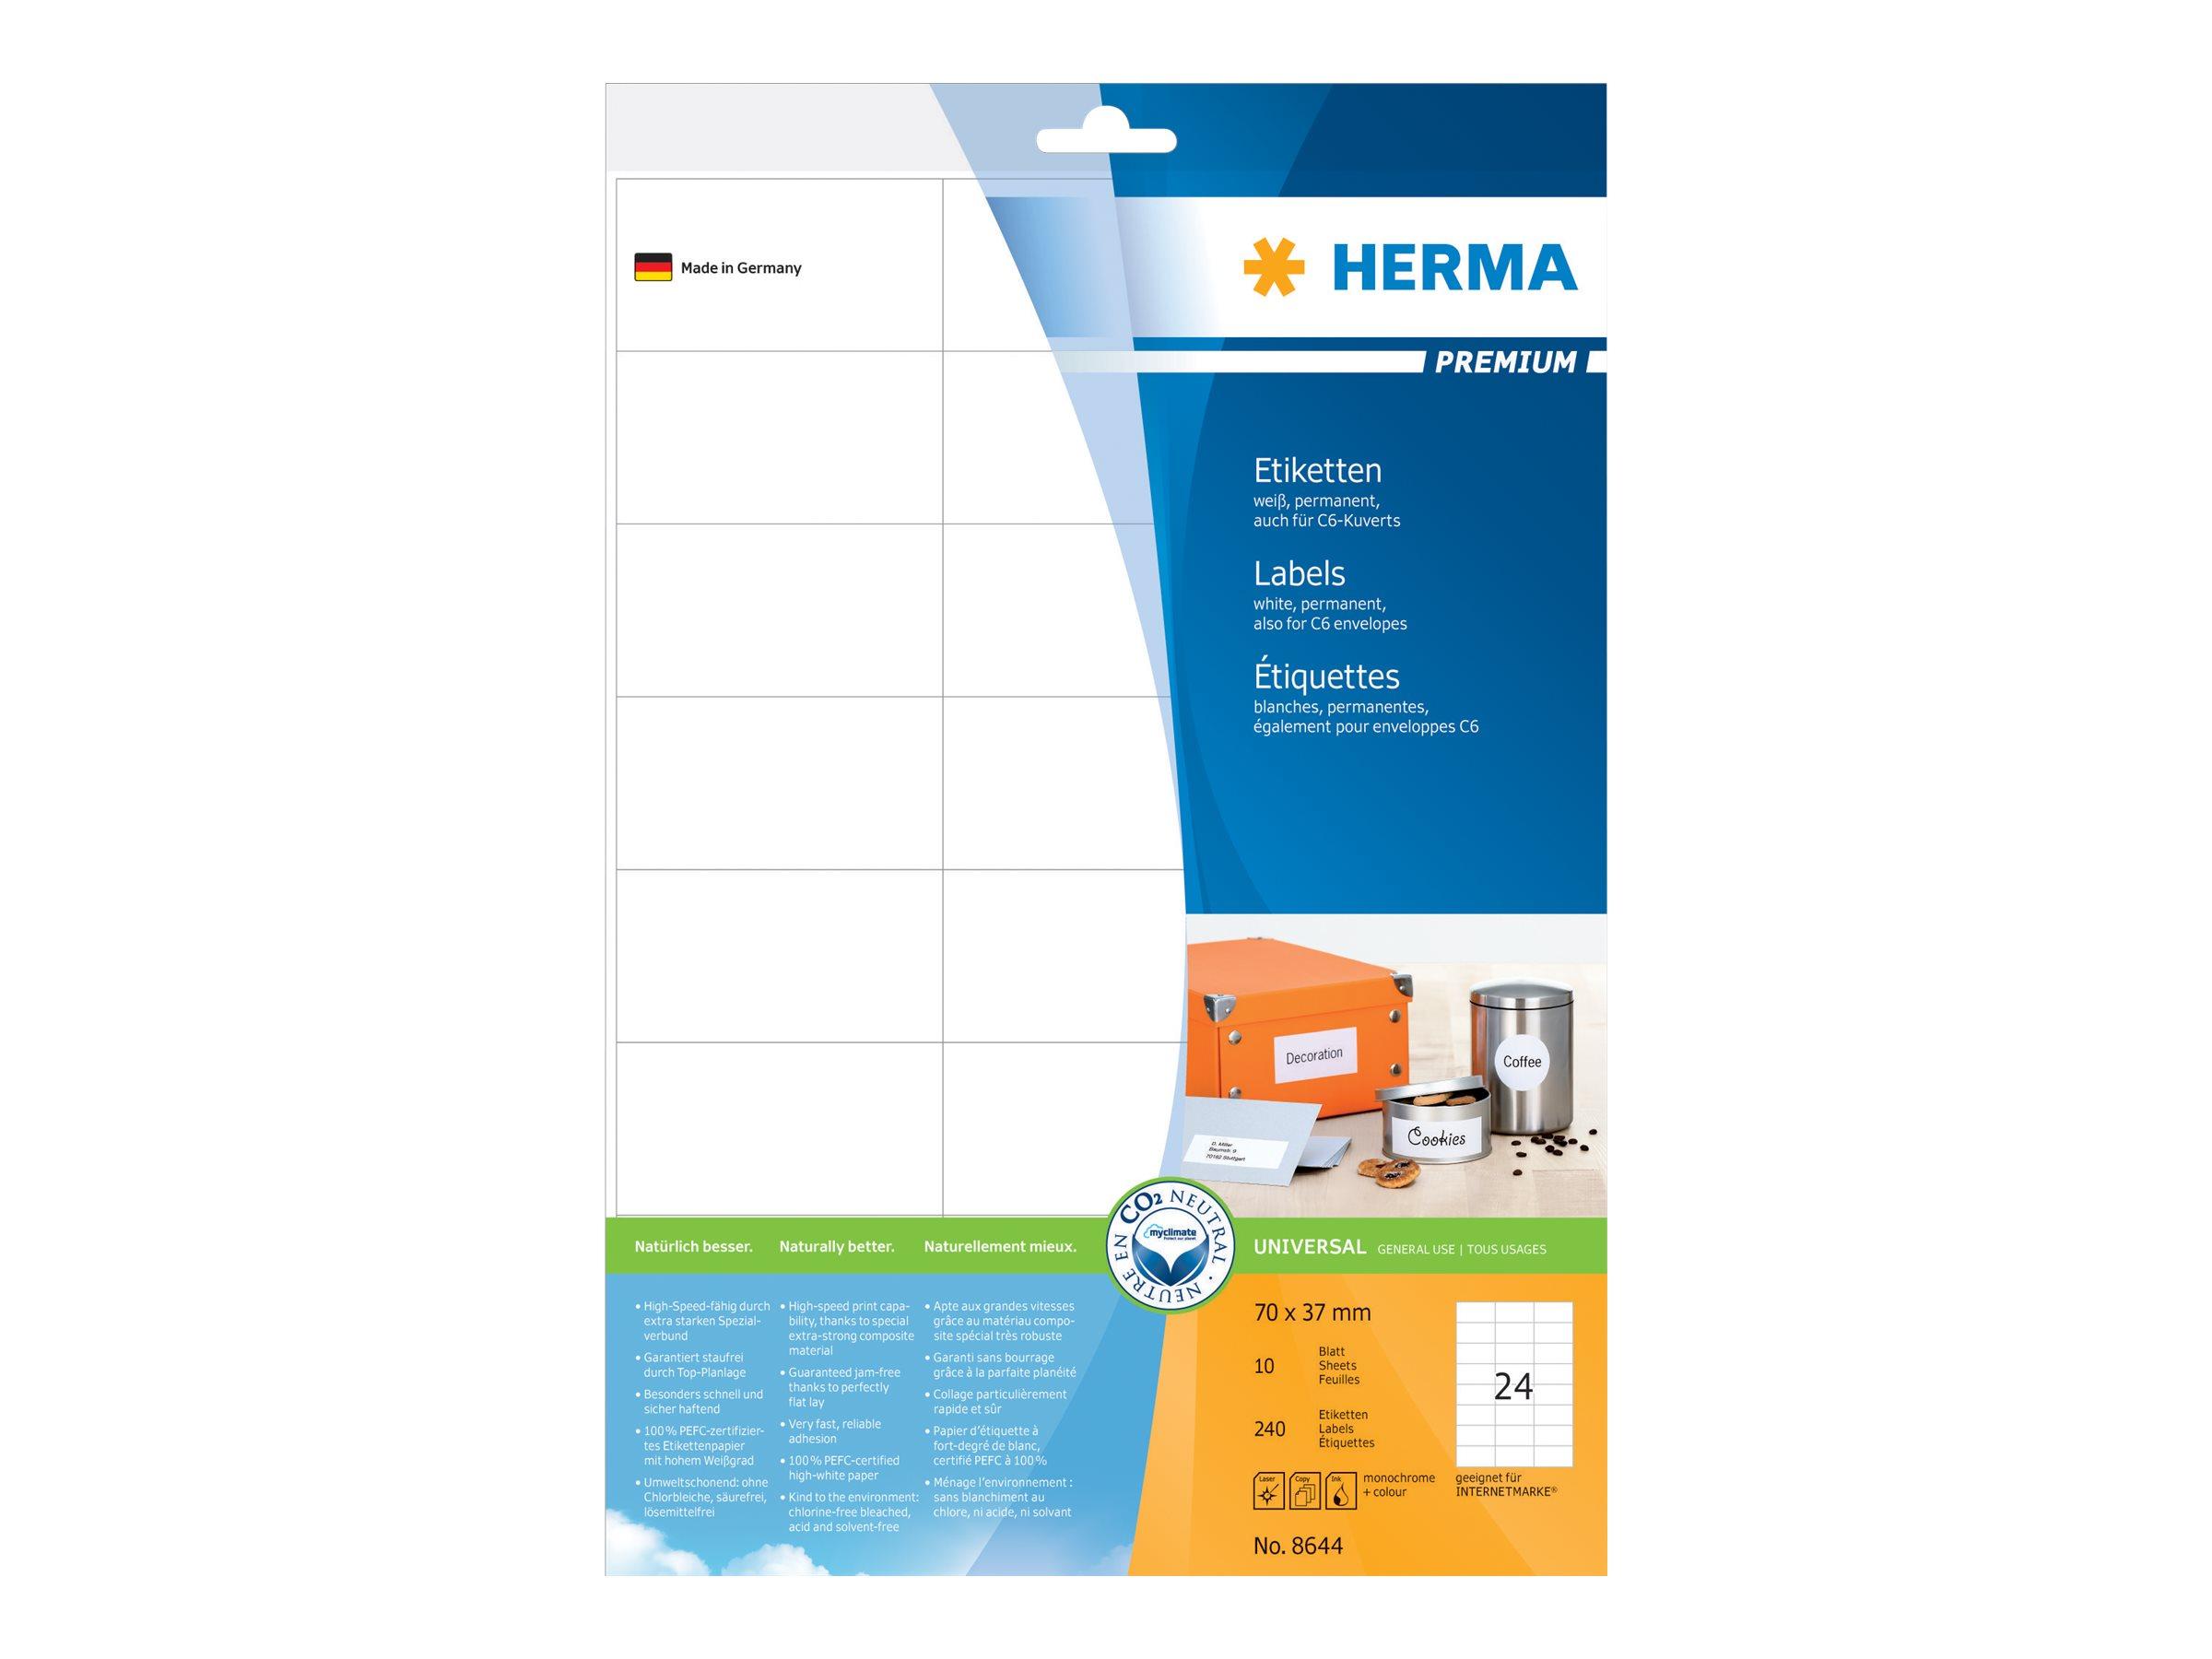 HERMA Premium - Papier - matt - permanent selbstklebend - weiß - 70 x 37 mm 240 Etikett(en) (10 Bogen x 24)